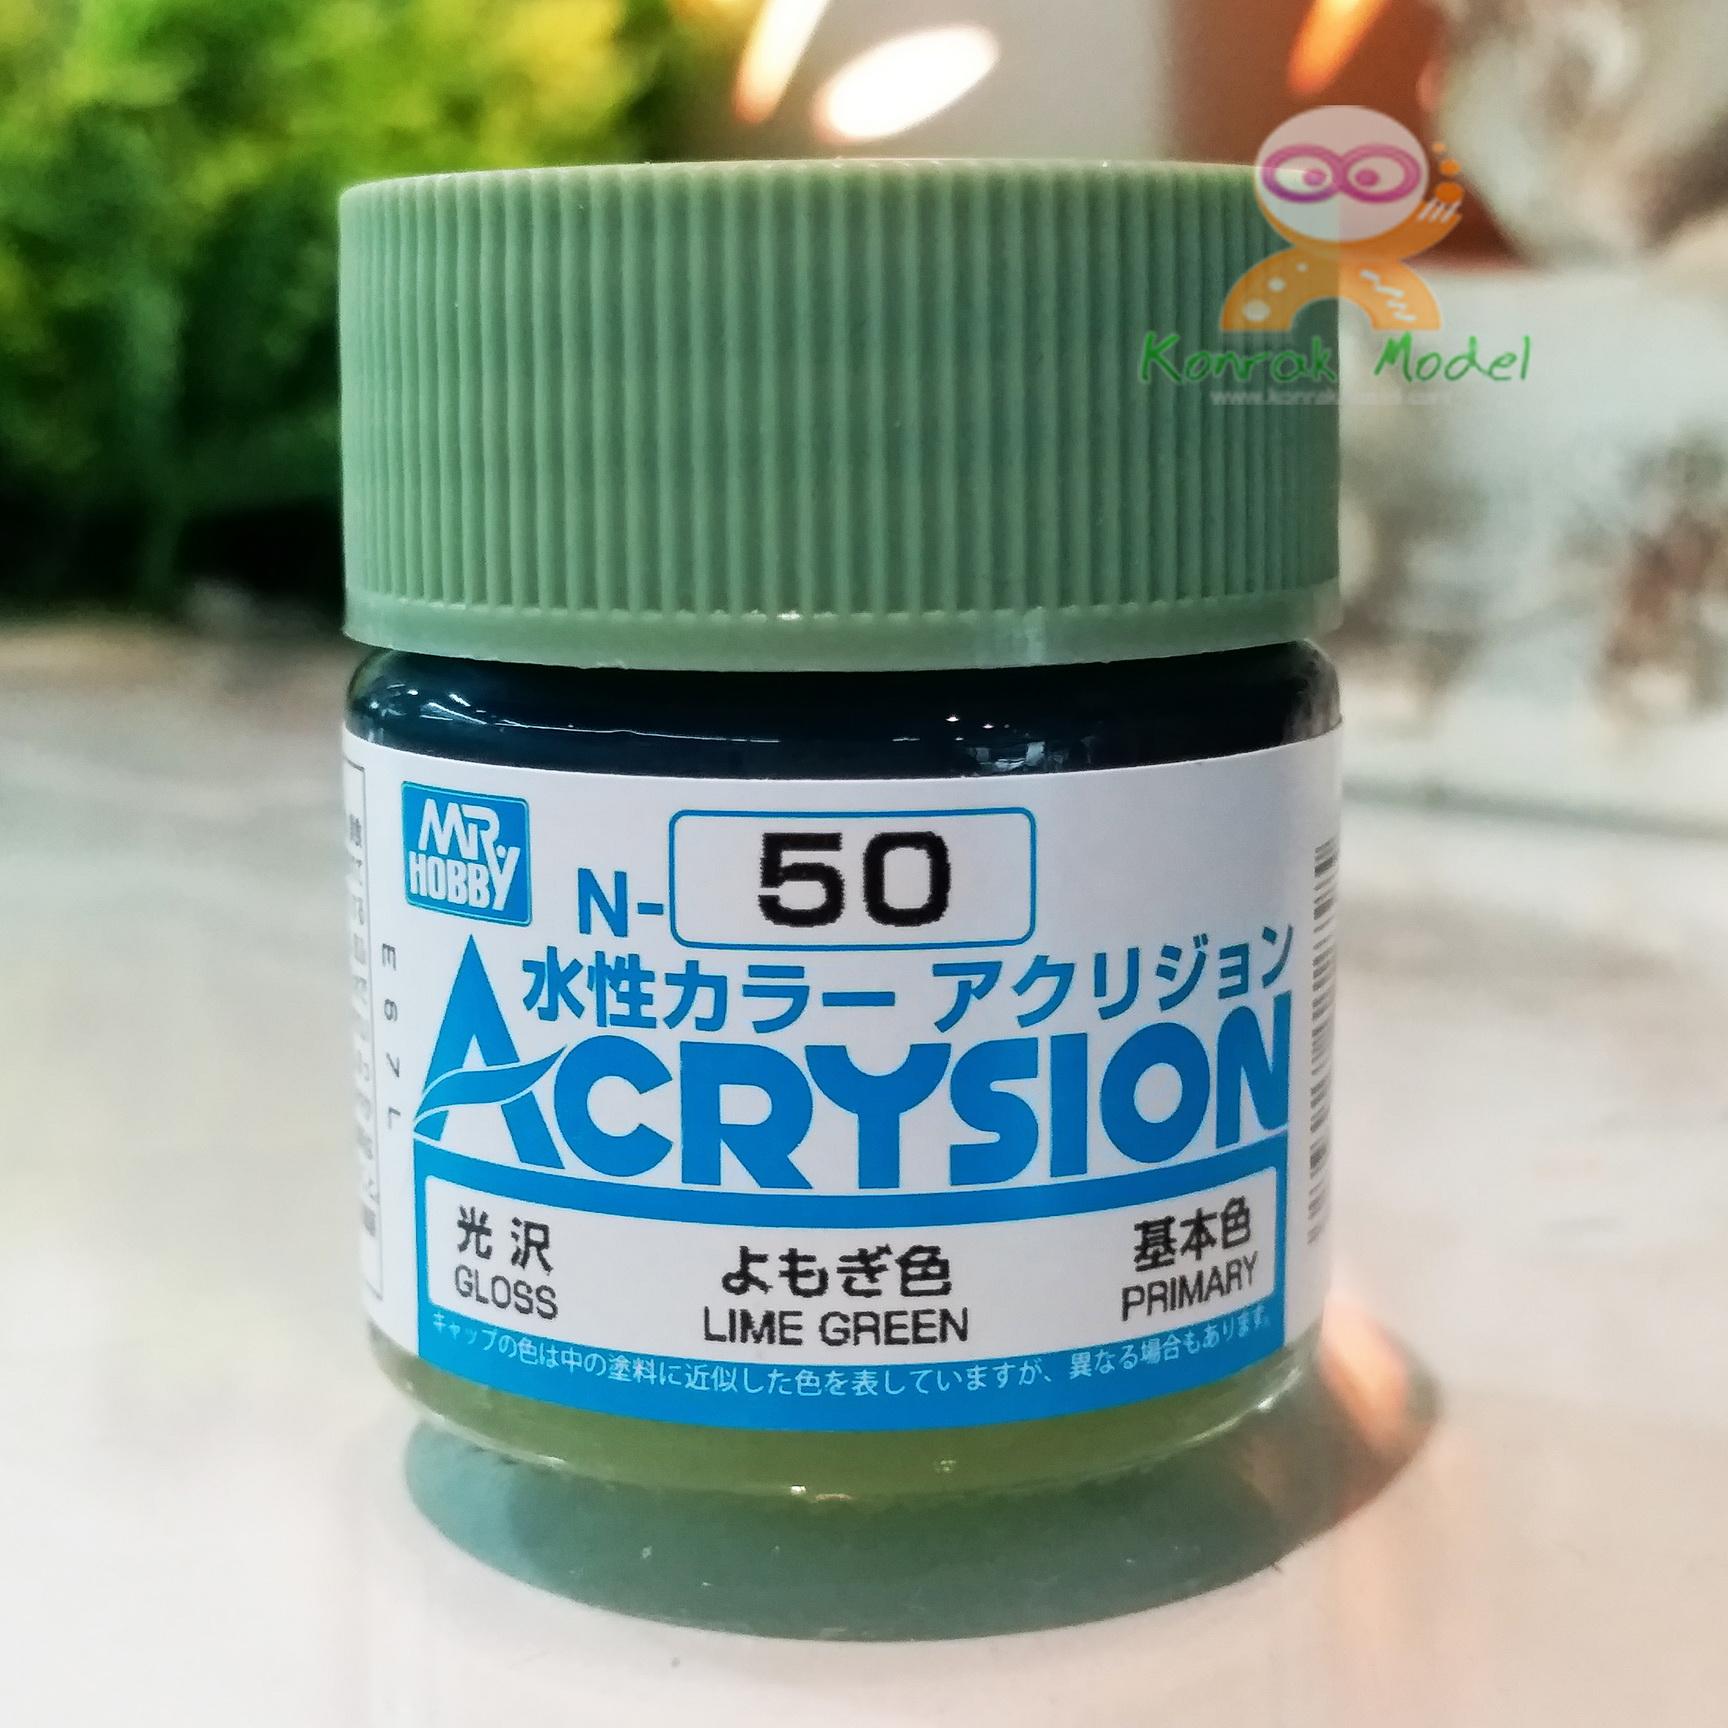 N50 LIME GREEN (Gloss) 10ml